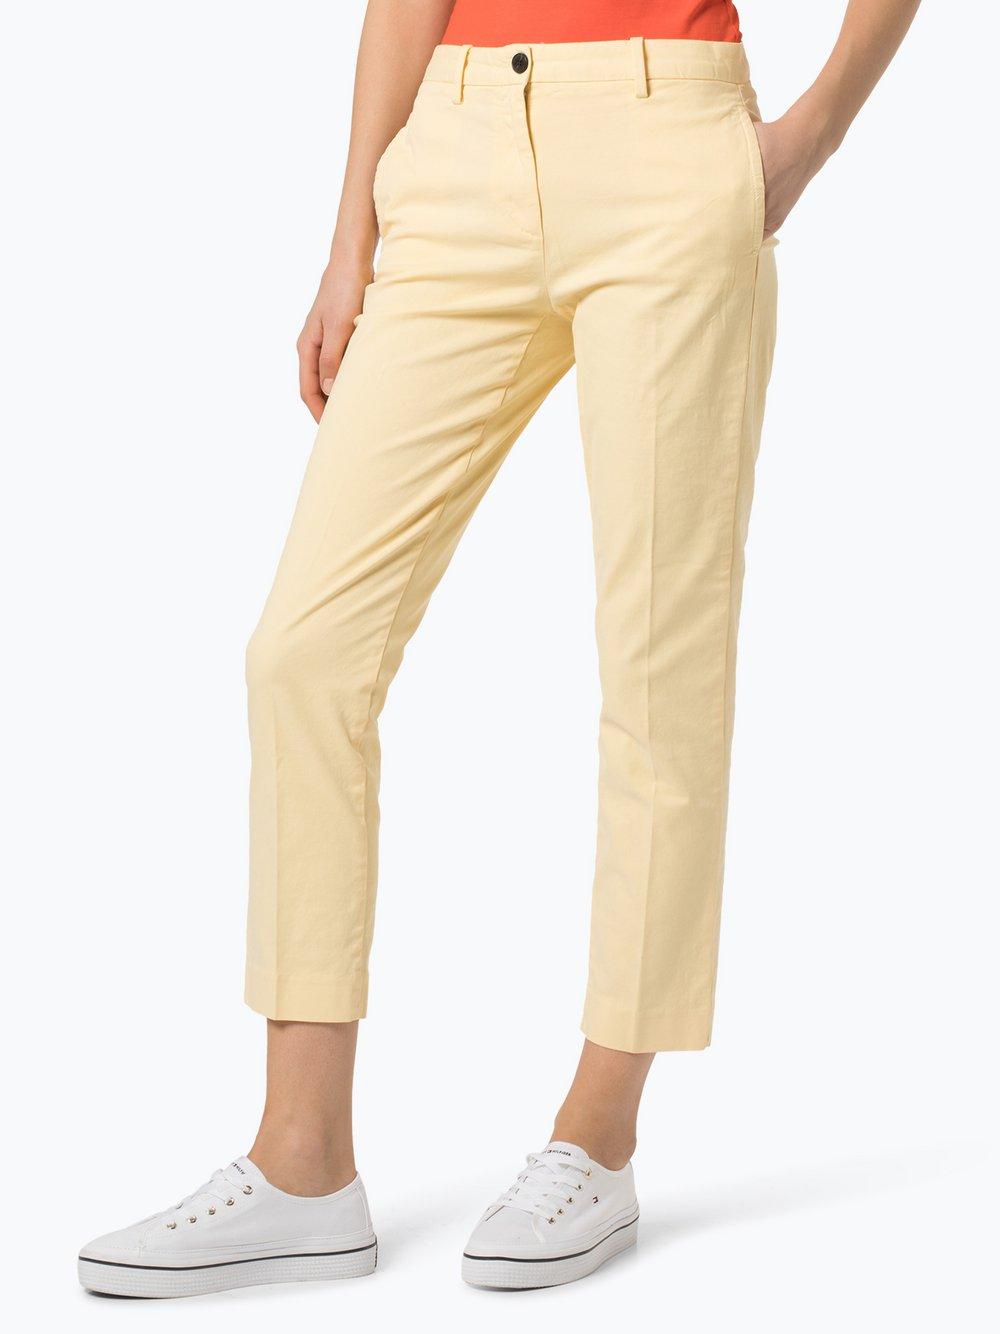 Tommy Hilfiger - Spodnie damskie, żółty